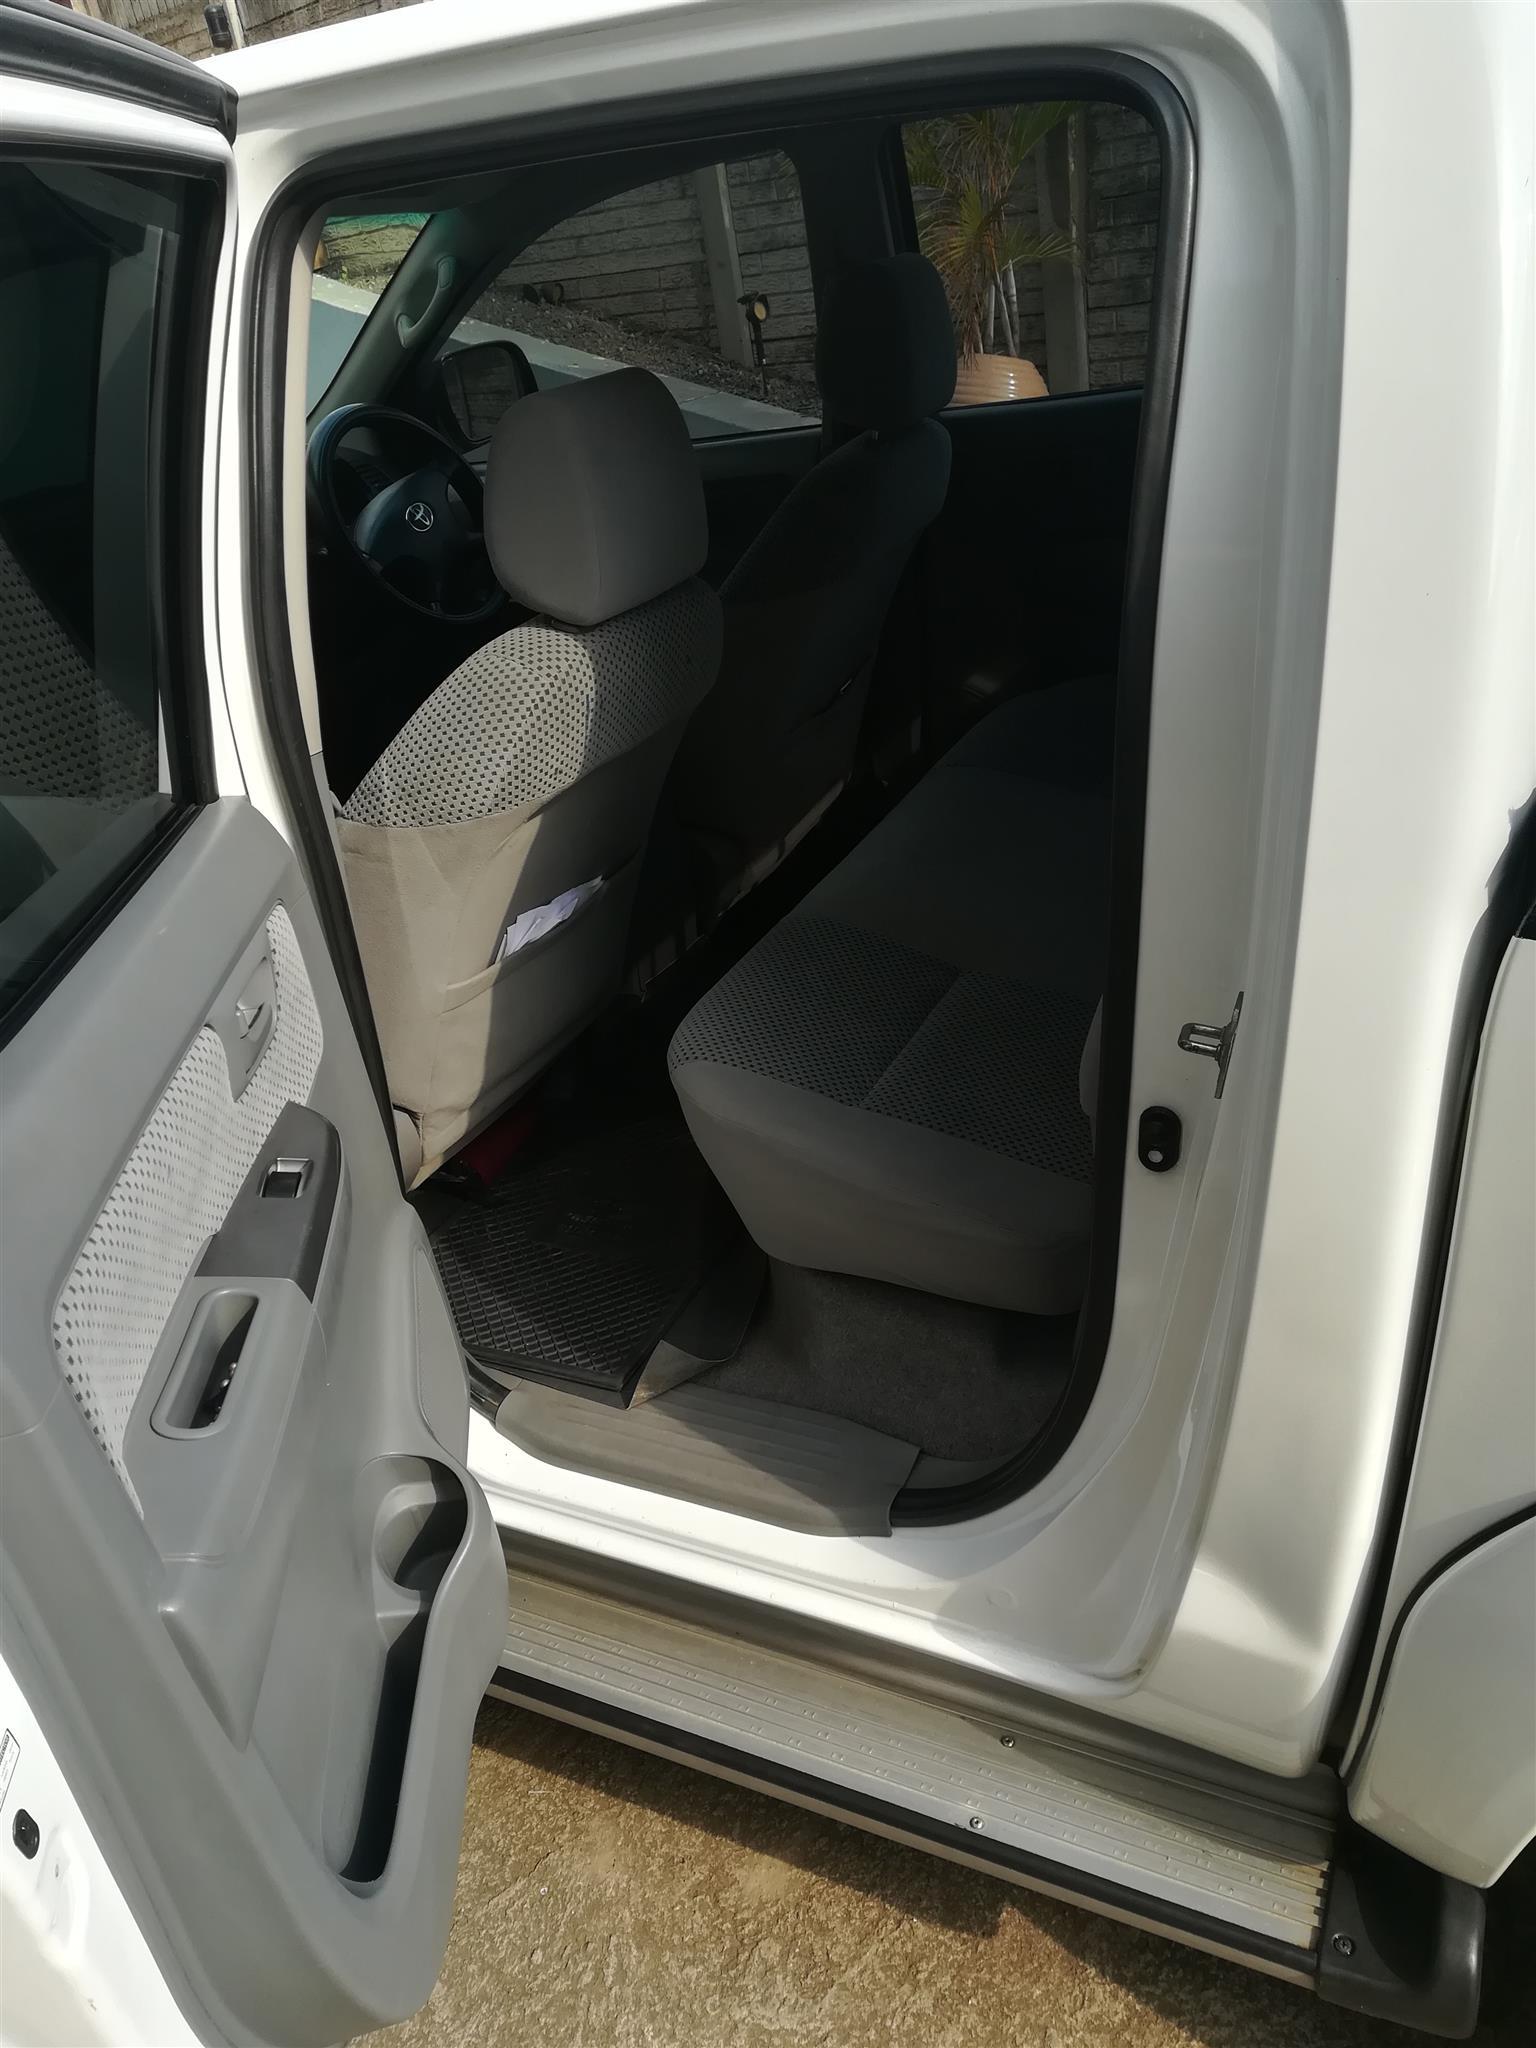 2008 Toyota Hilux double cab HILUX 2.7 VVTi RB S P/U D/C